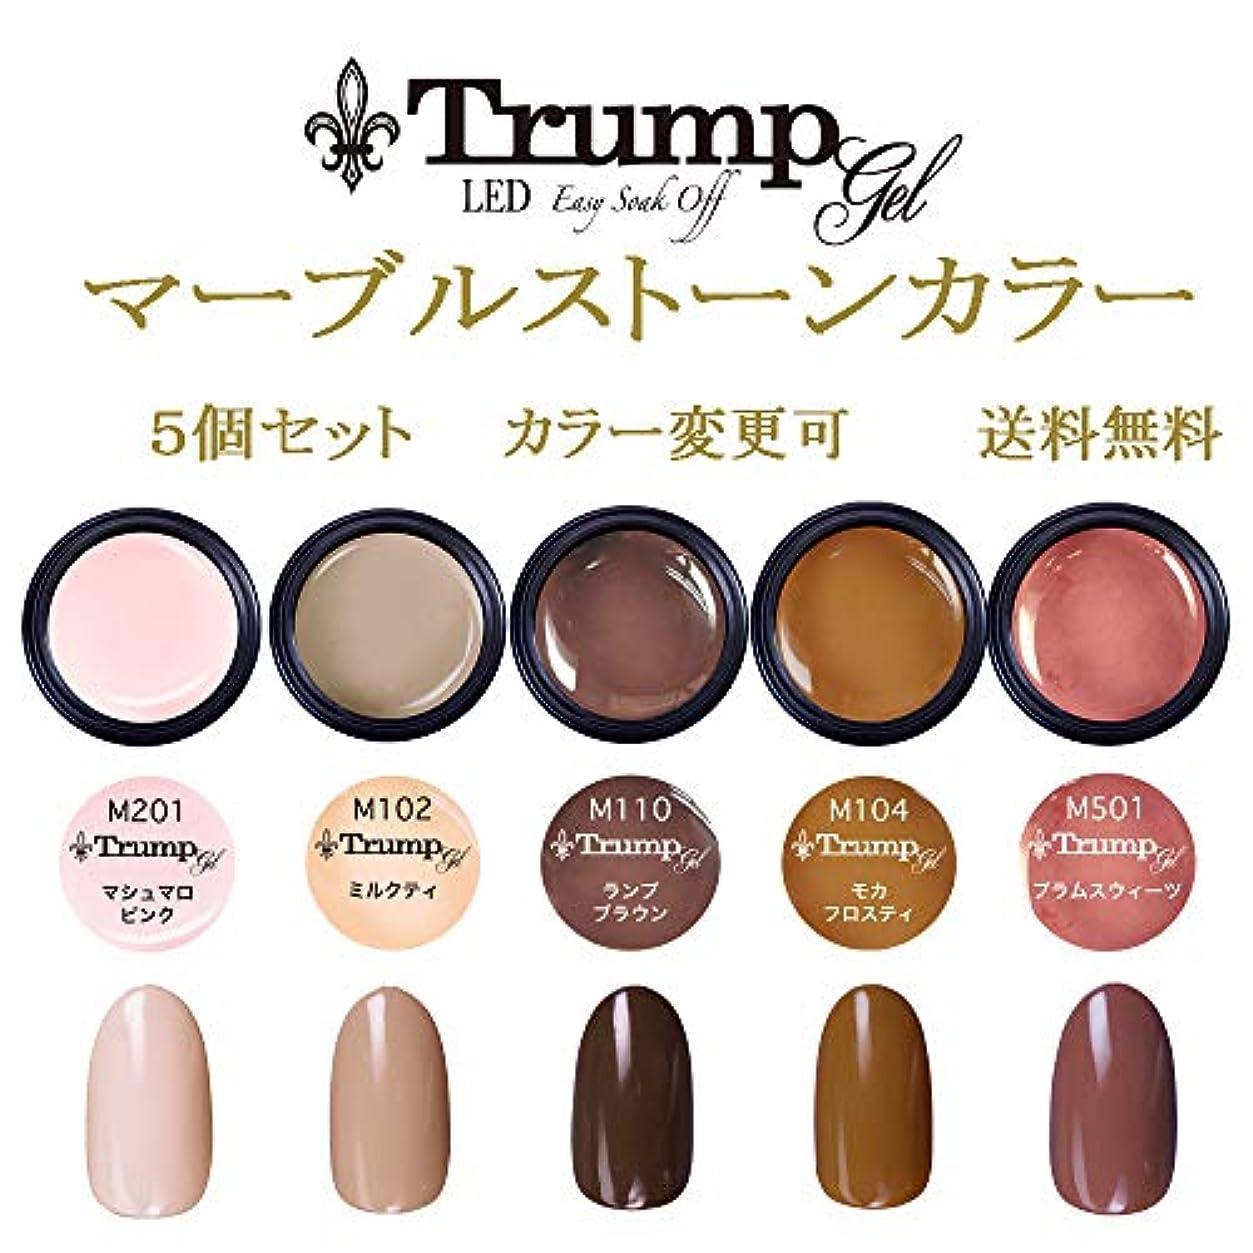 キャンパス束耐えられない【送料無料】日本製 Trump gel トランプジェル マーブルストーン カラージェル 5個セット 人気の大理石ネイルカラーをチョイス